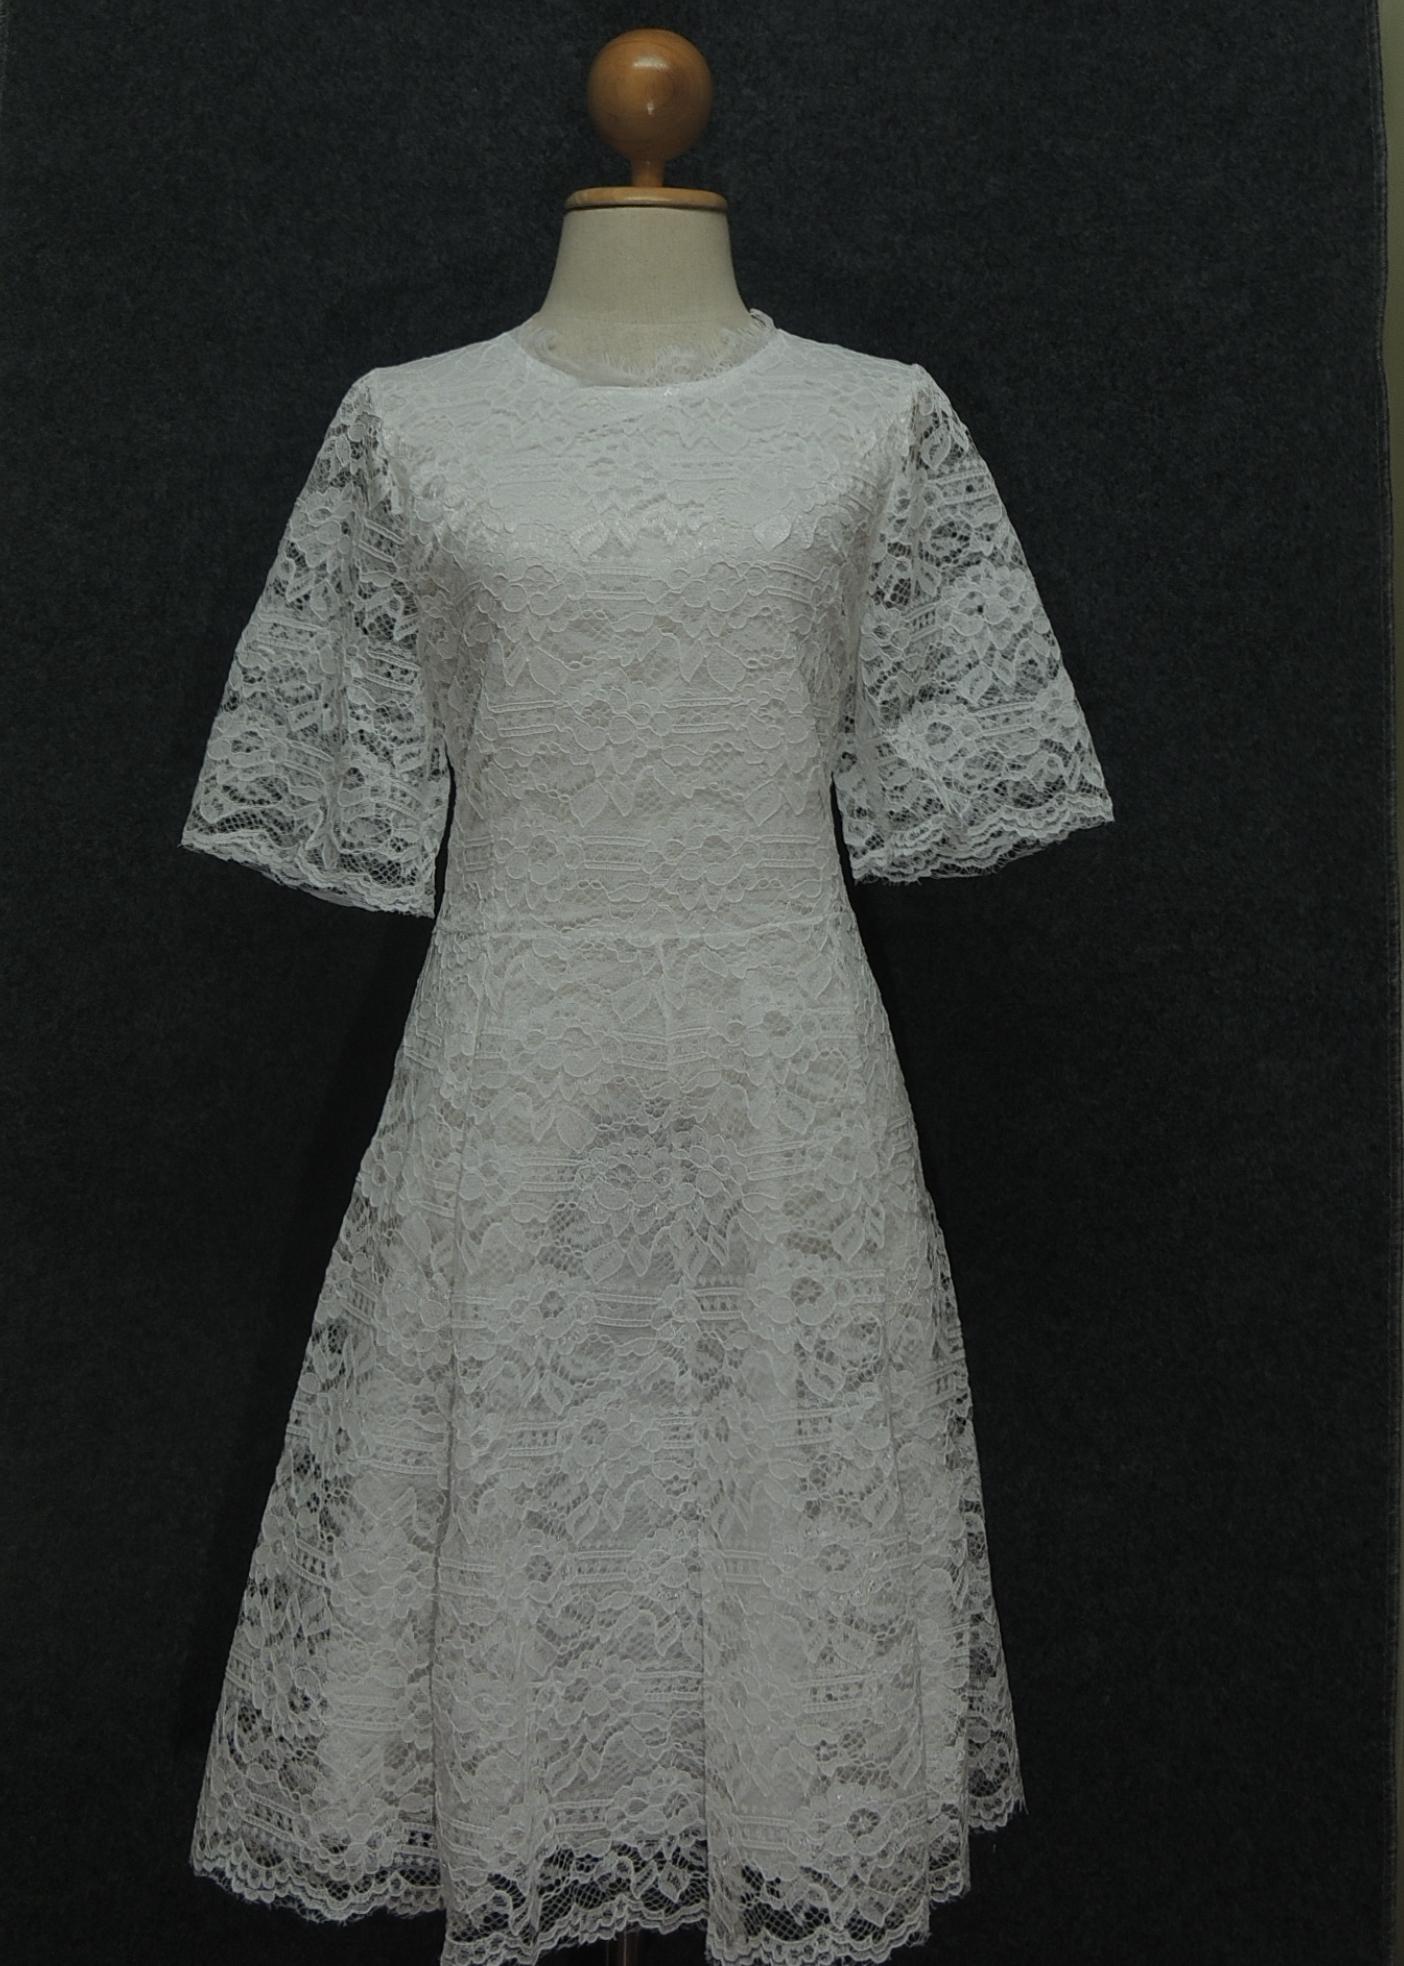 ชุดเดรสลูกไม้สีขาว ชุดแซกลูกไม้สีขาว